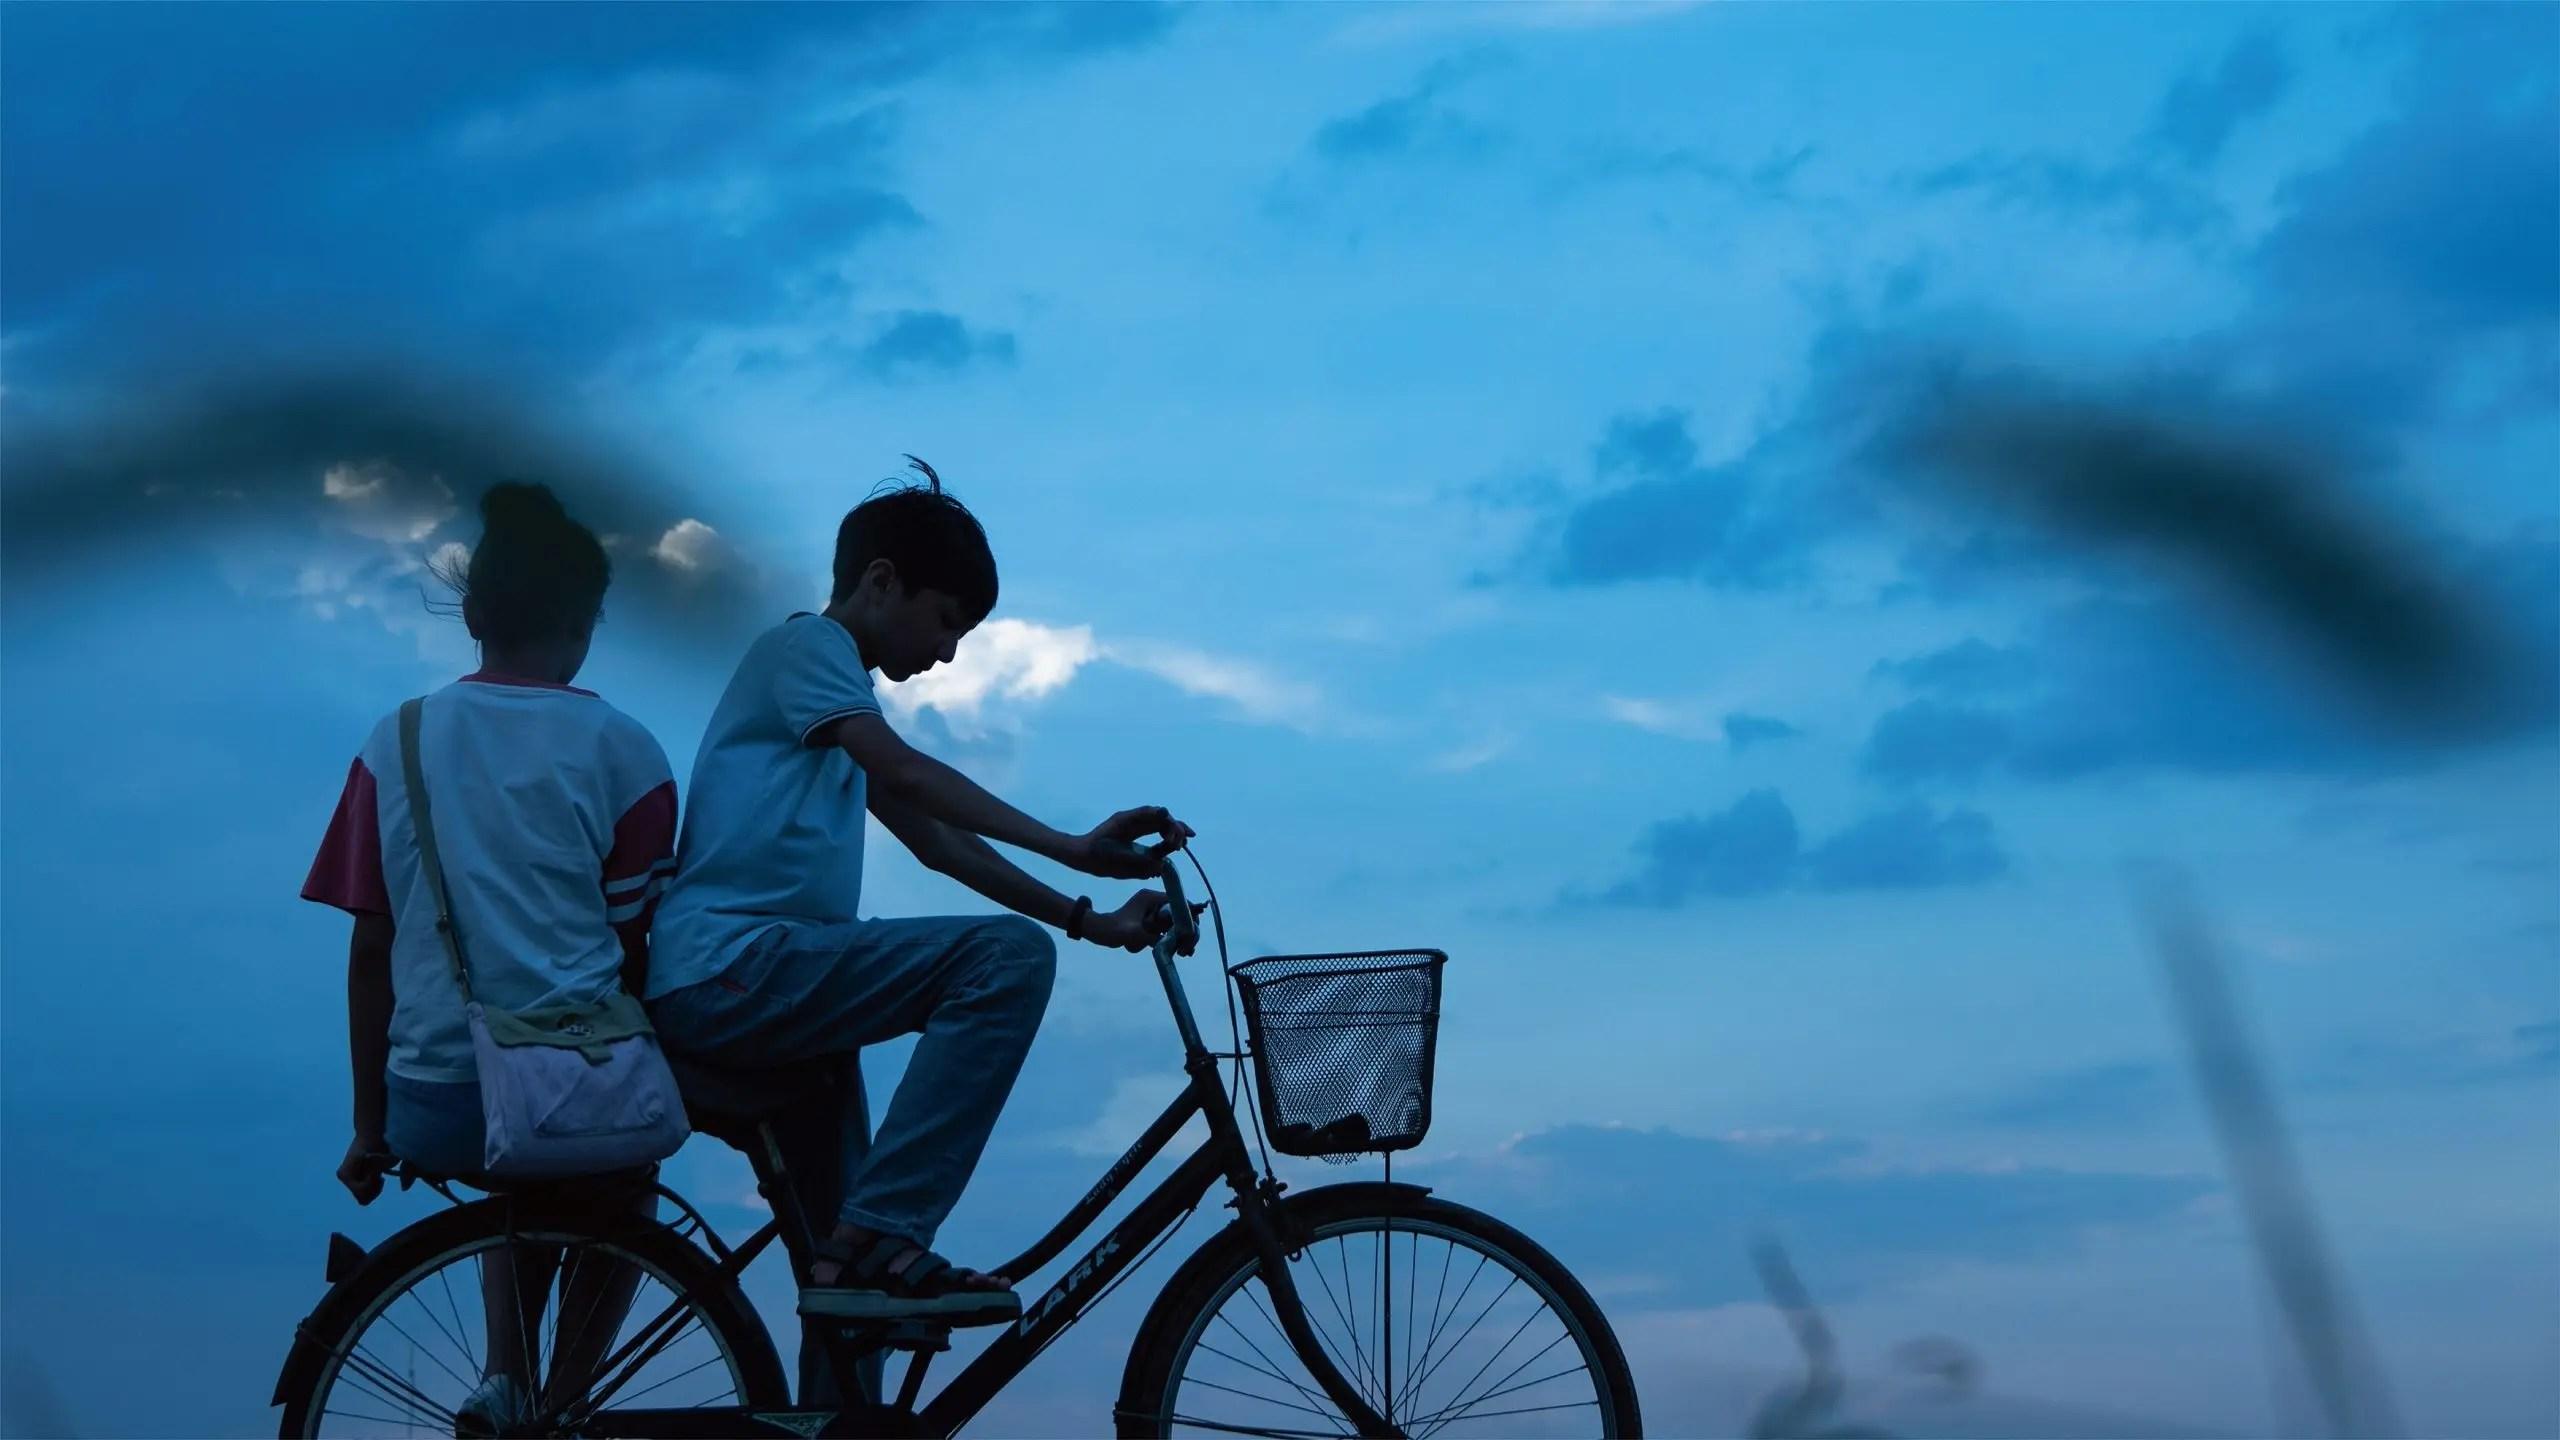 Huang Tian, Zhang Xinyuan in Han Nan Xia Ri   Summer Blur   Sommerflirren by Han Shuai   CHN 2020, Generation   © FactoryGateFilms